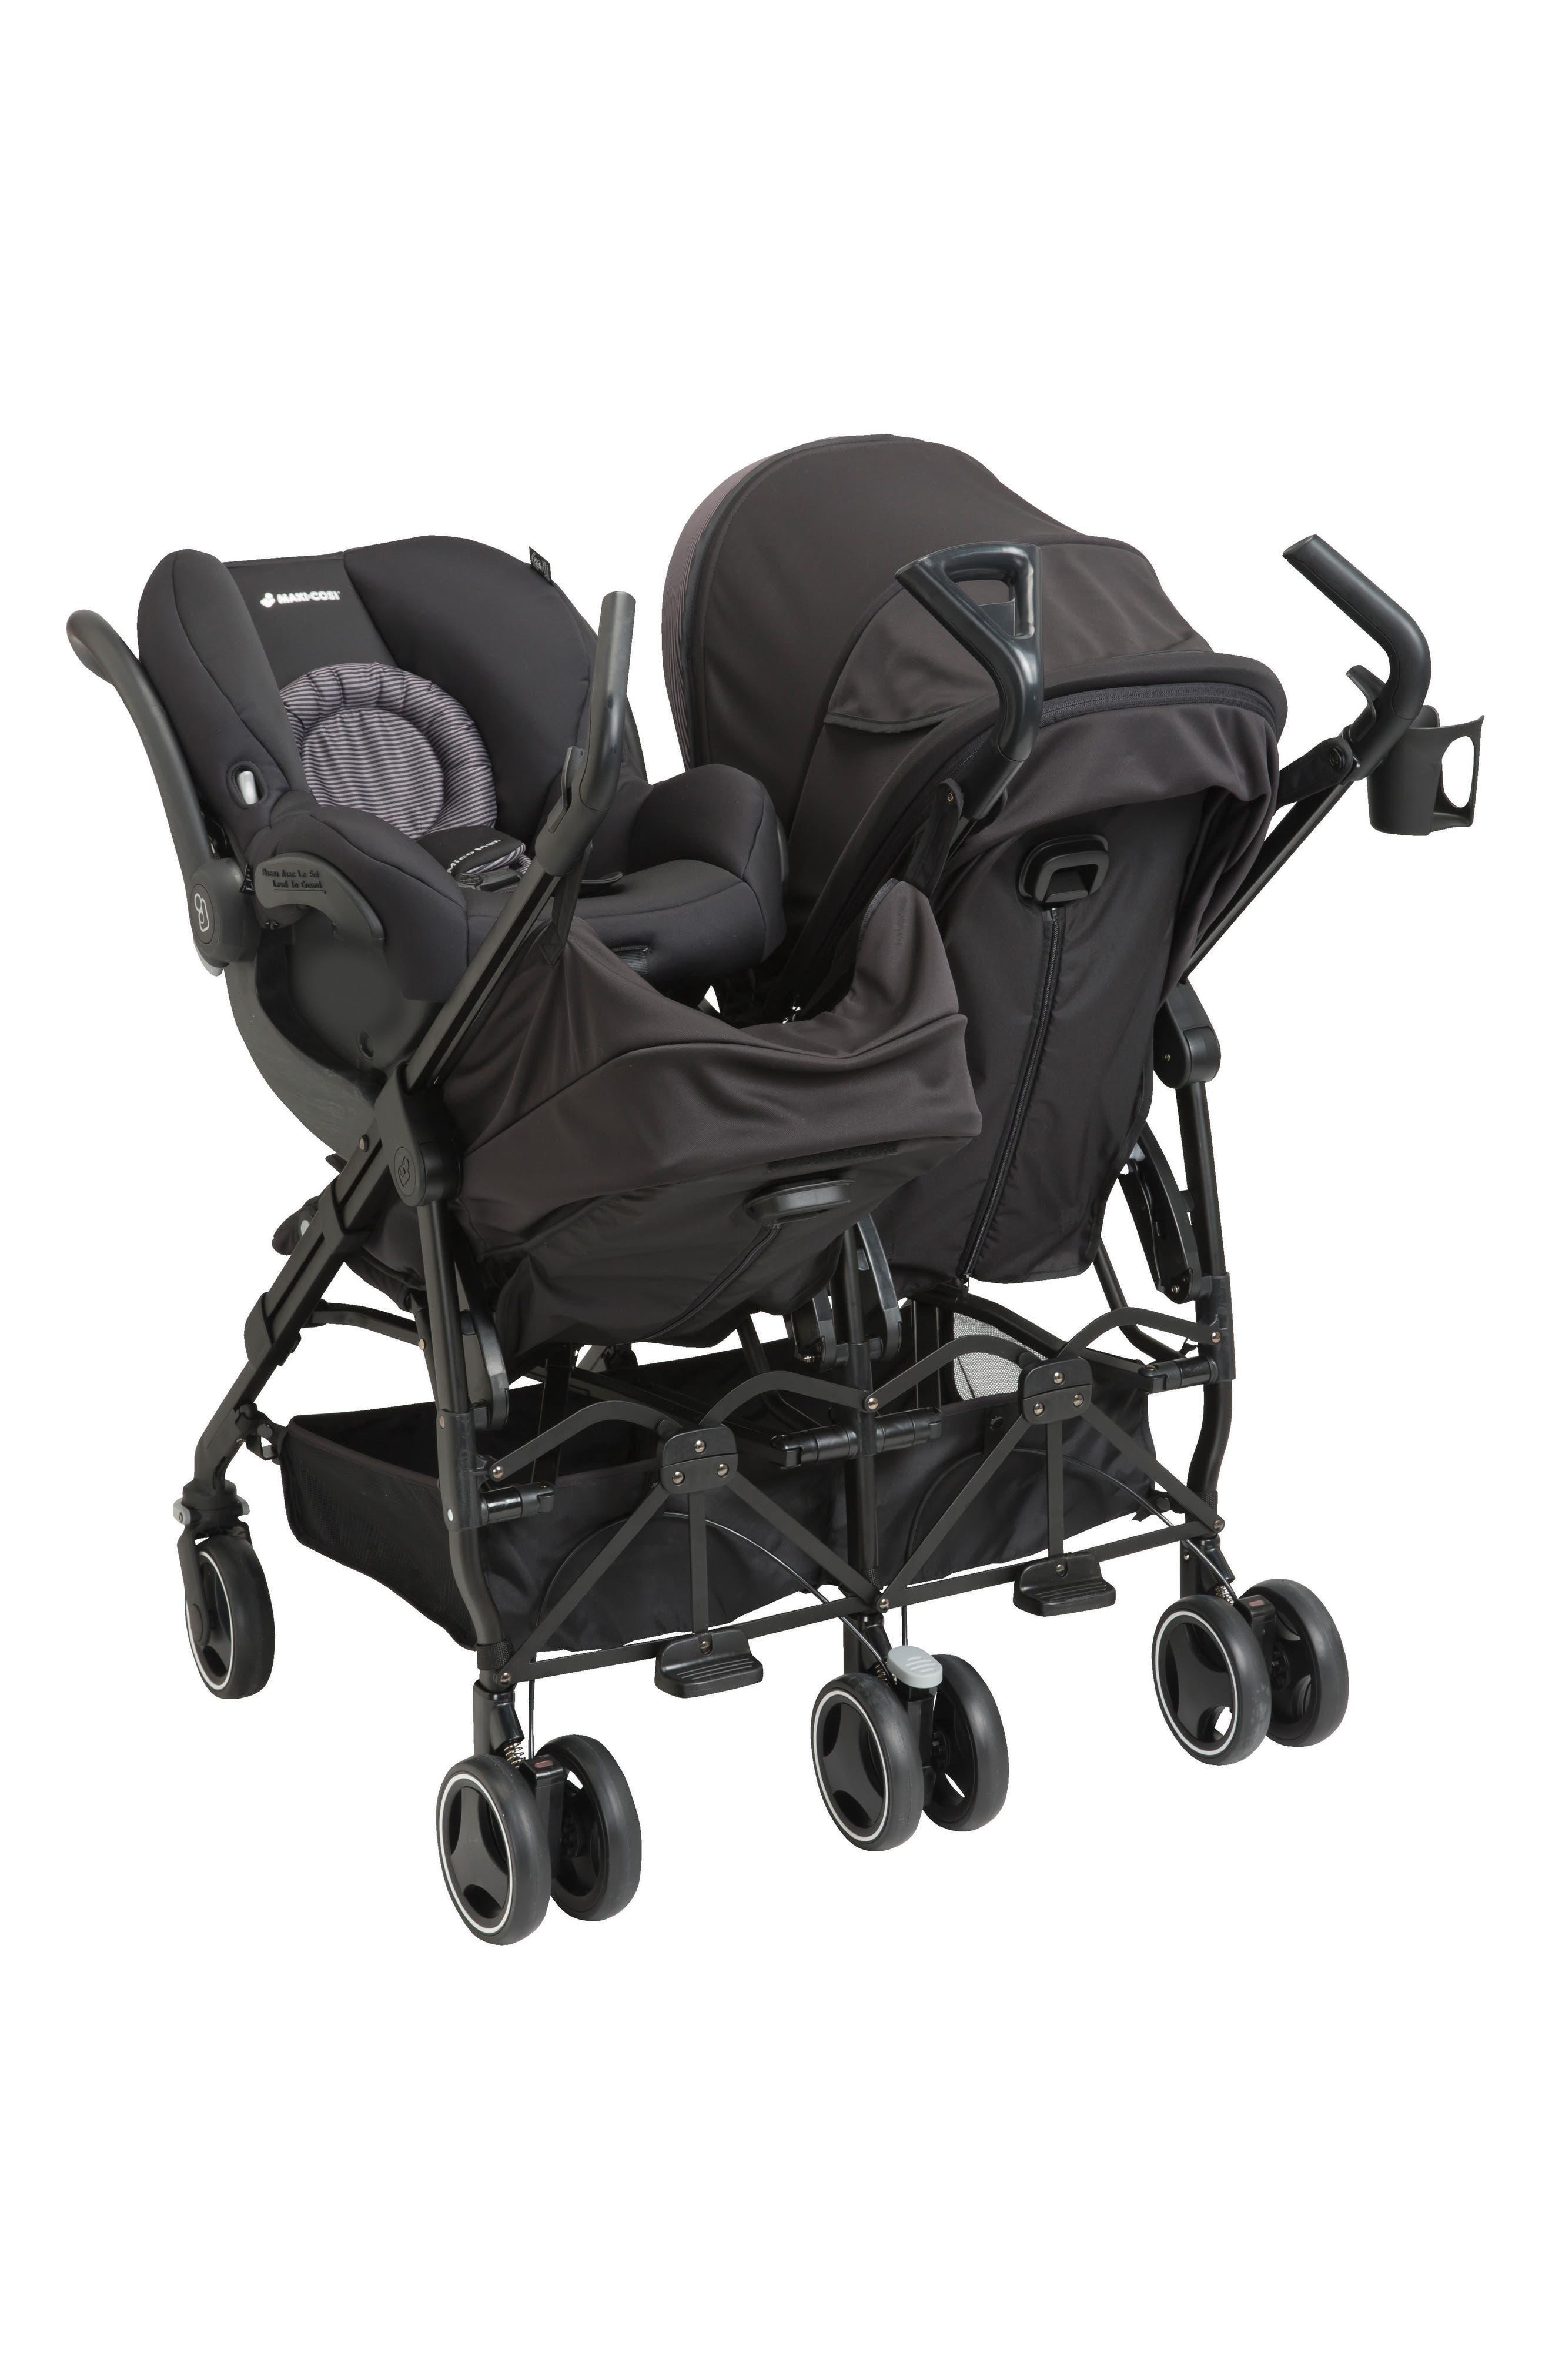 Dana For 2 Double Stroller,                             Alternate thumbnail 7, color,                             DEVOTED BLACK